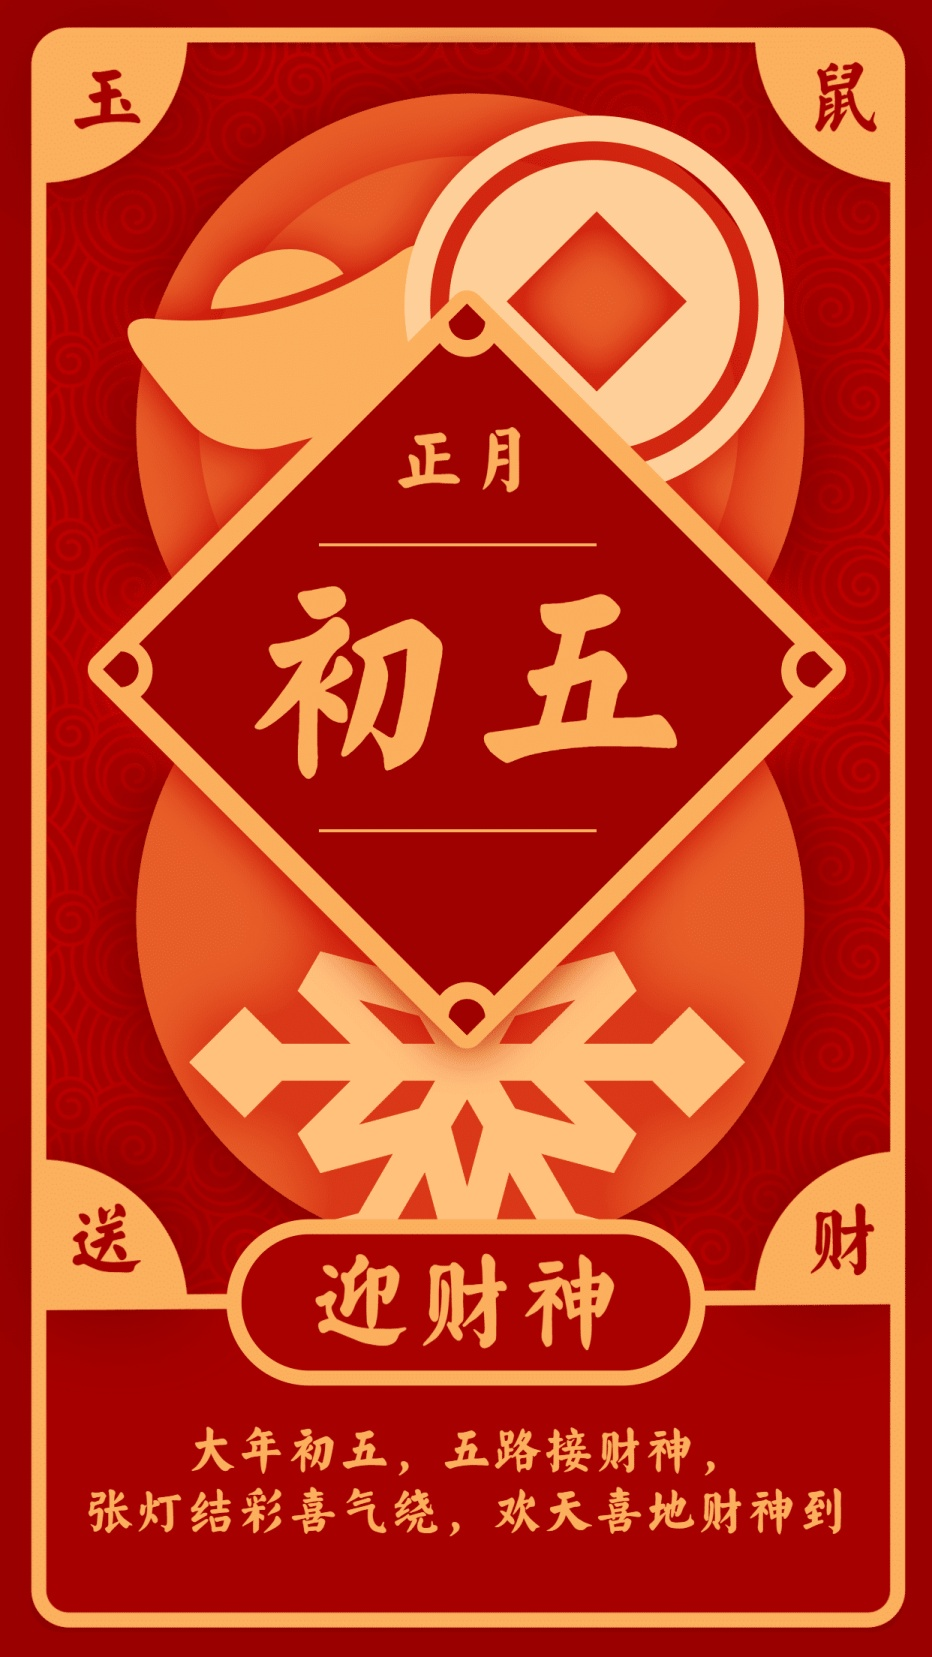 春节习俗/初五/喜庆中国风/手机海报